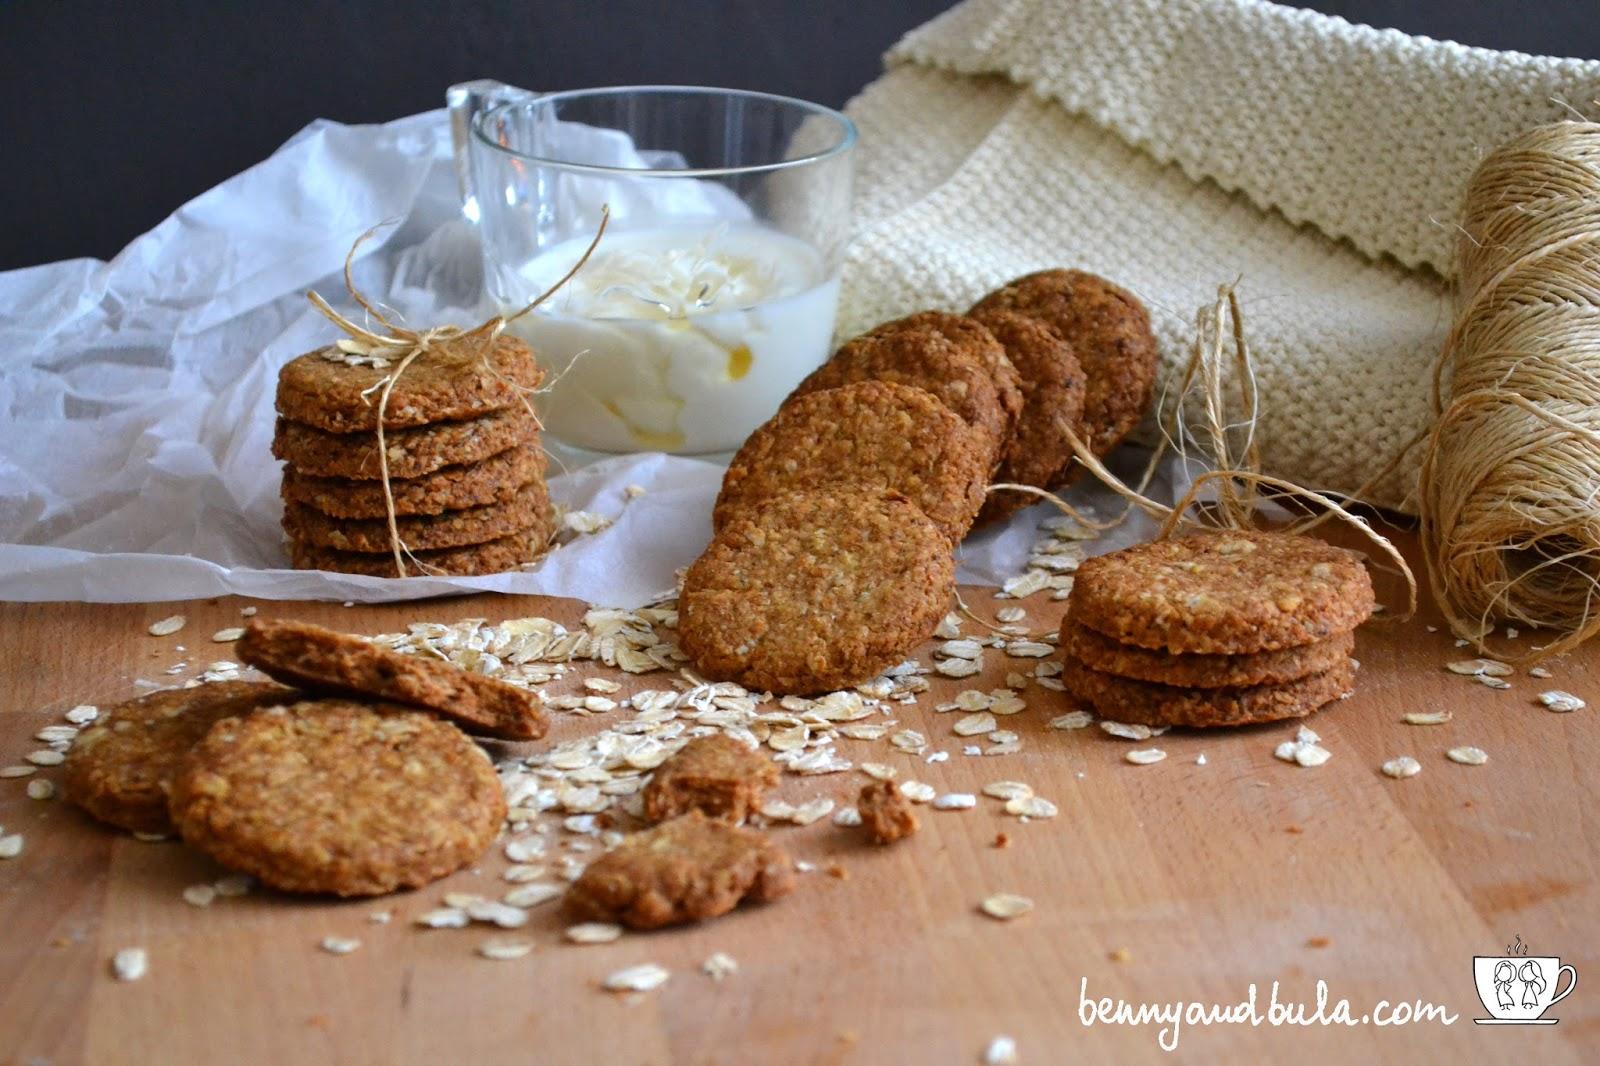 biscotto grancereale classico con avena miele e farina integrale / oat cookies whole grain